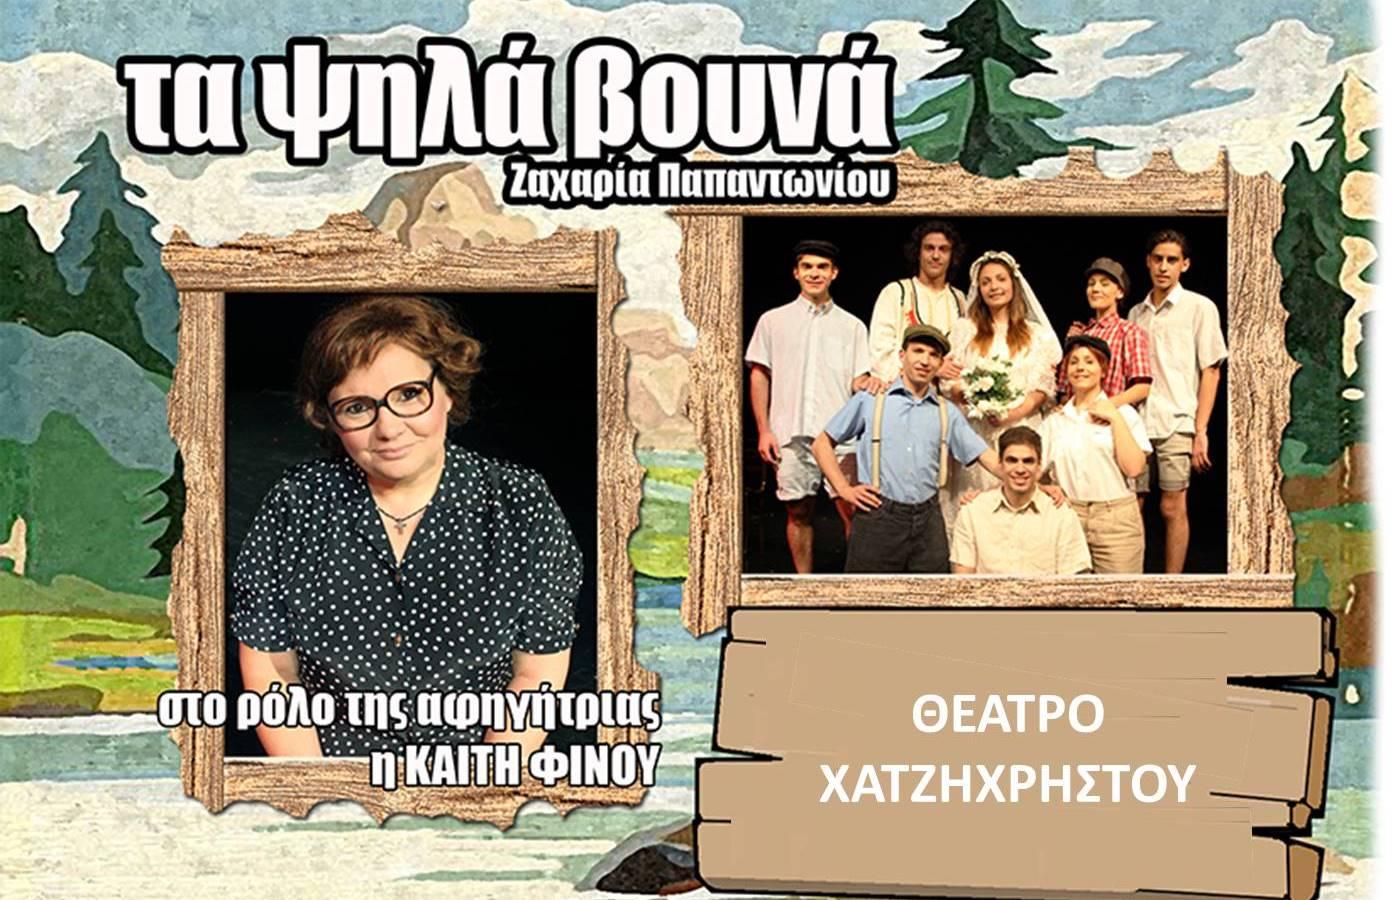 5€ από 12€ για είσοδο στην παιδική θεατρική παράσταση ''Τα Ψηλά Βουνά'', το αθάνατο αριστούργημα του Ζ.Παπαντωνίου, στο θέατρο Χατζηχρήστος